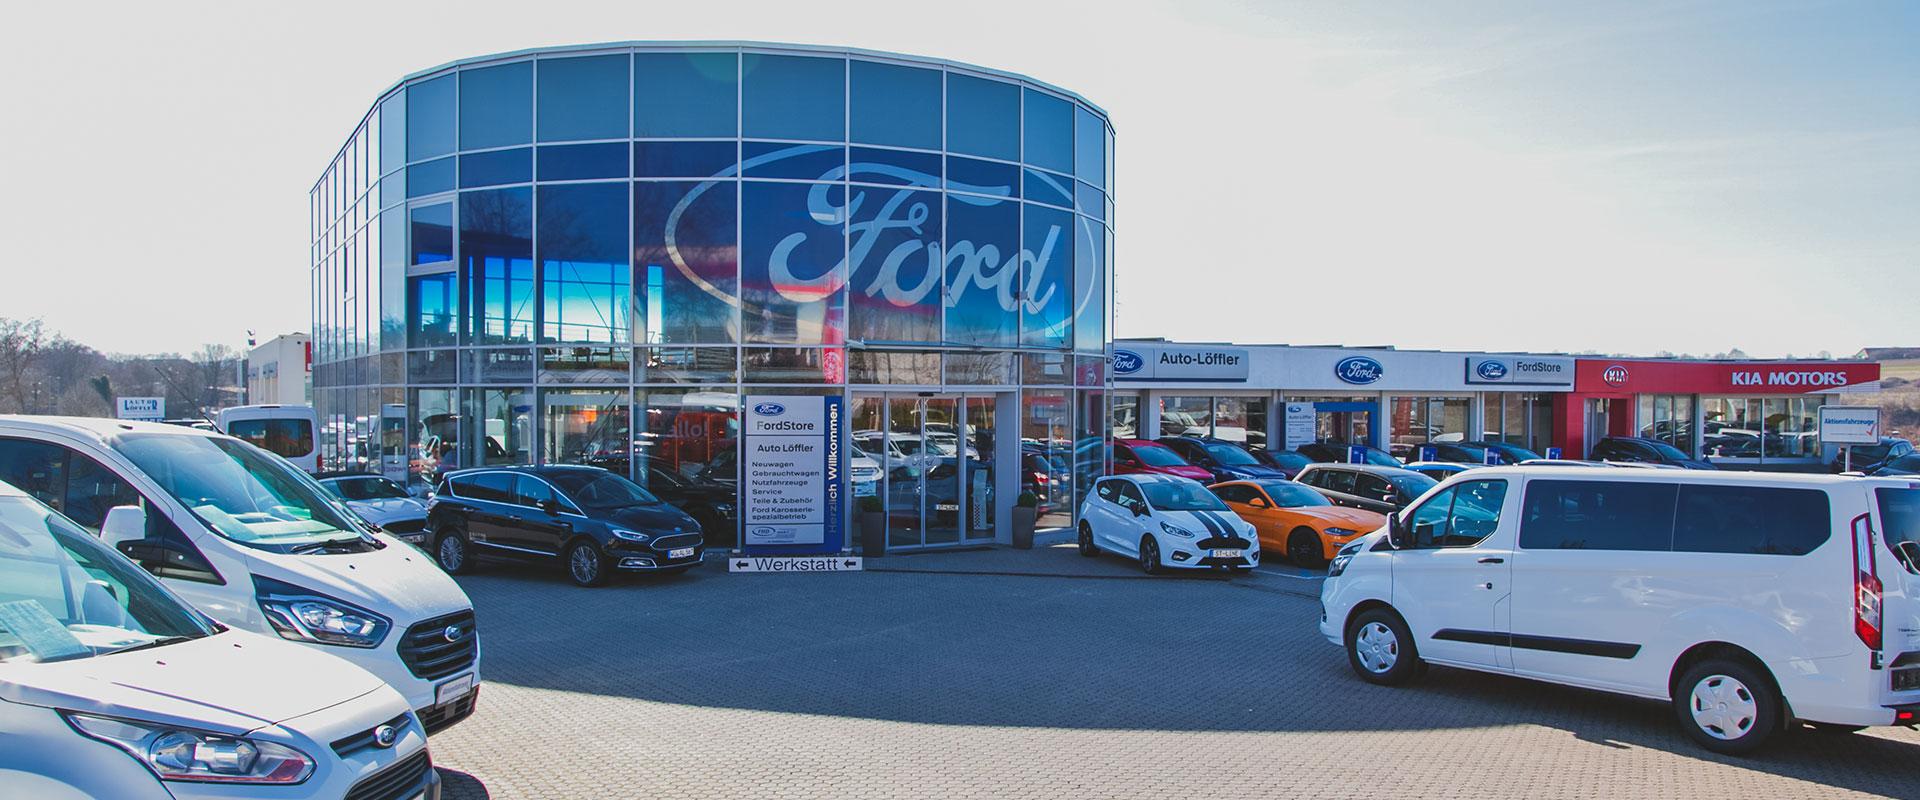 Ford Kia Standort Würzburg Aussenansicht